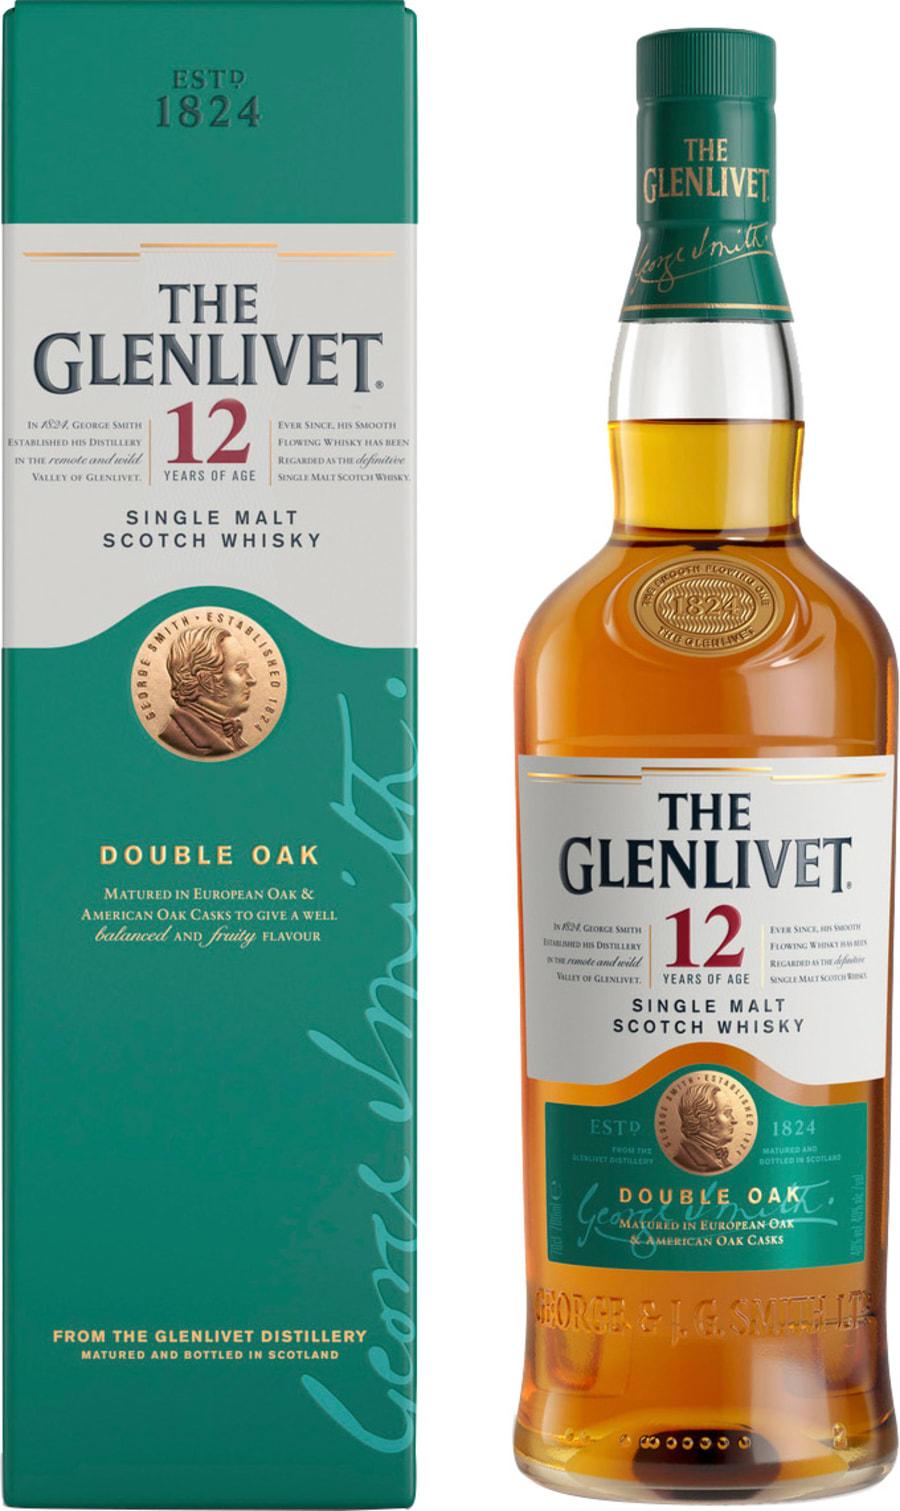 Glenlivet triple cask matured